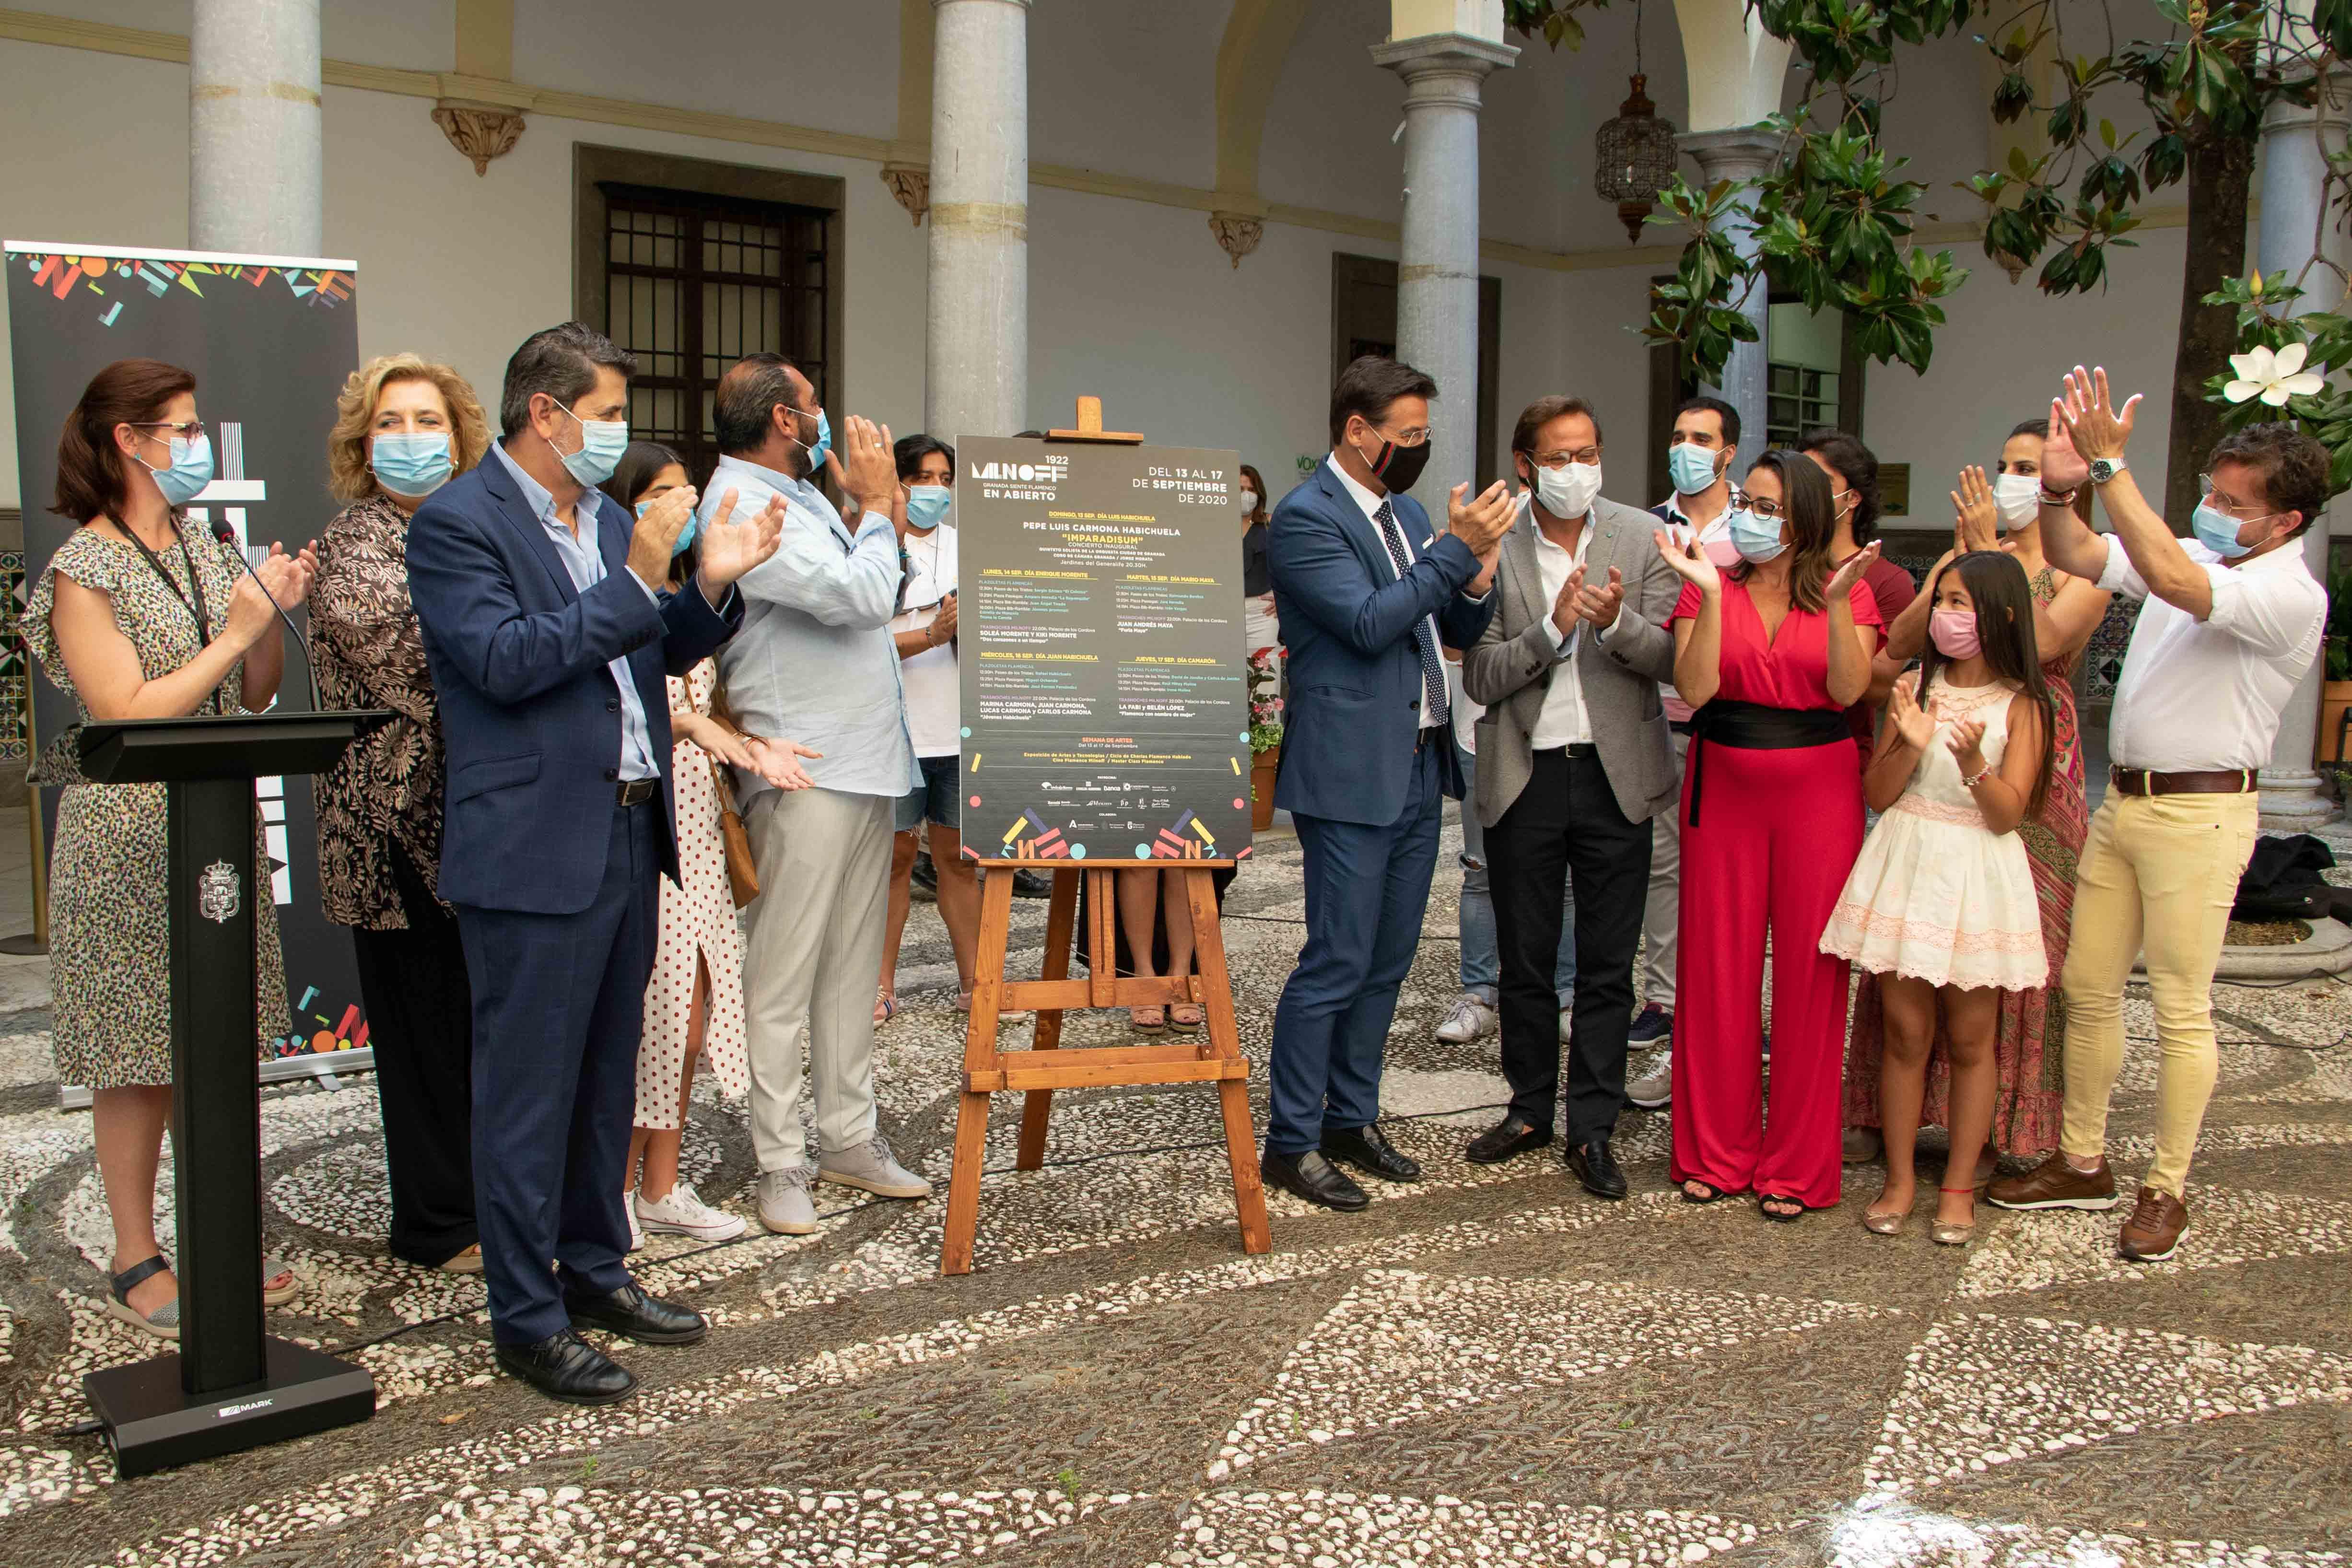 El Festival Milnoff llevará a las plazas de Granada más de 20 espectáculos flamencos